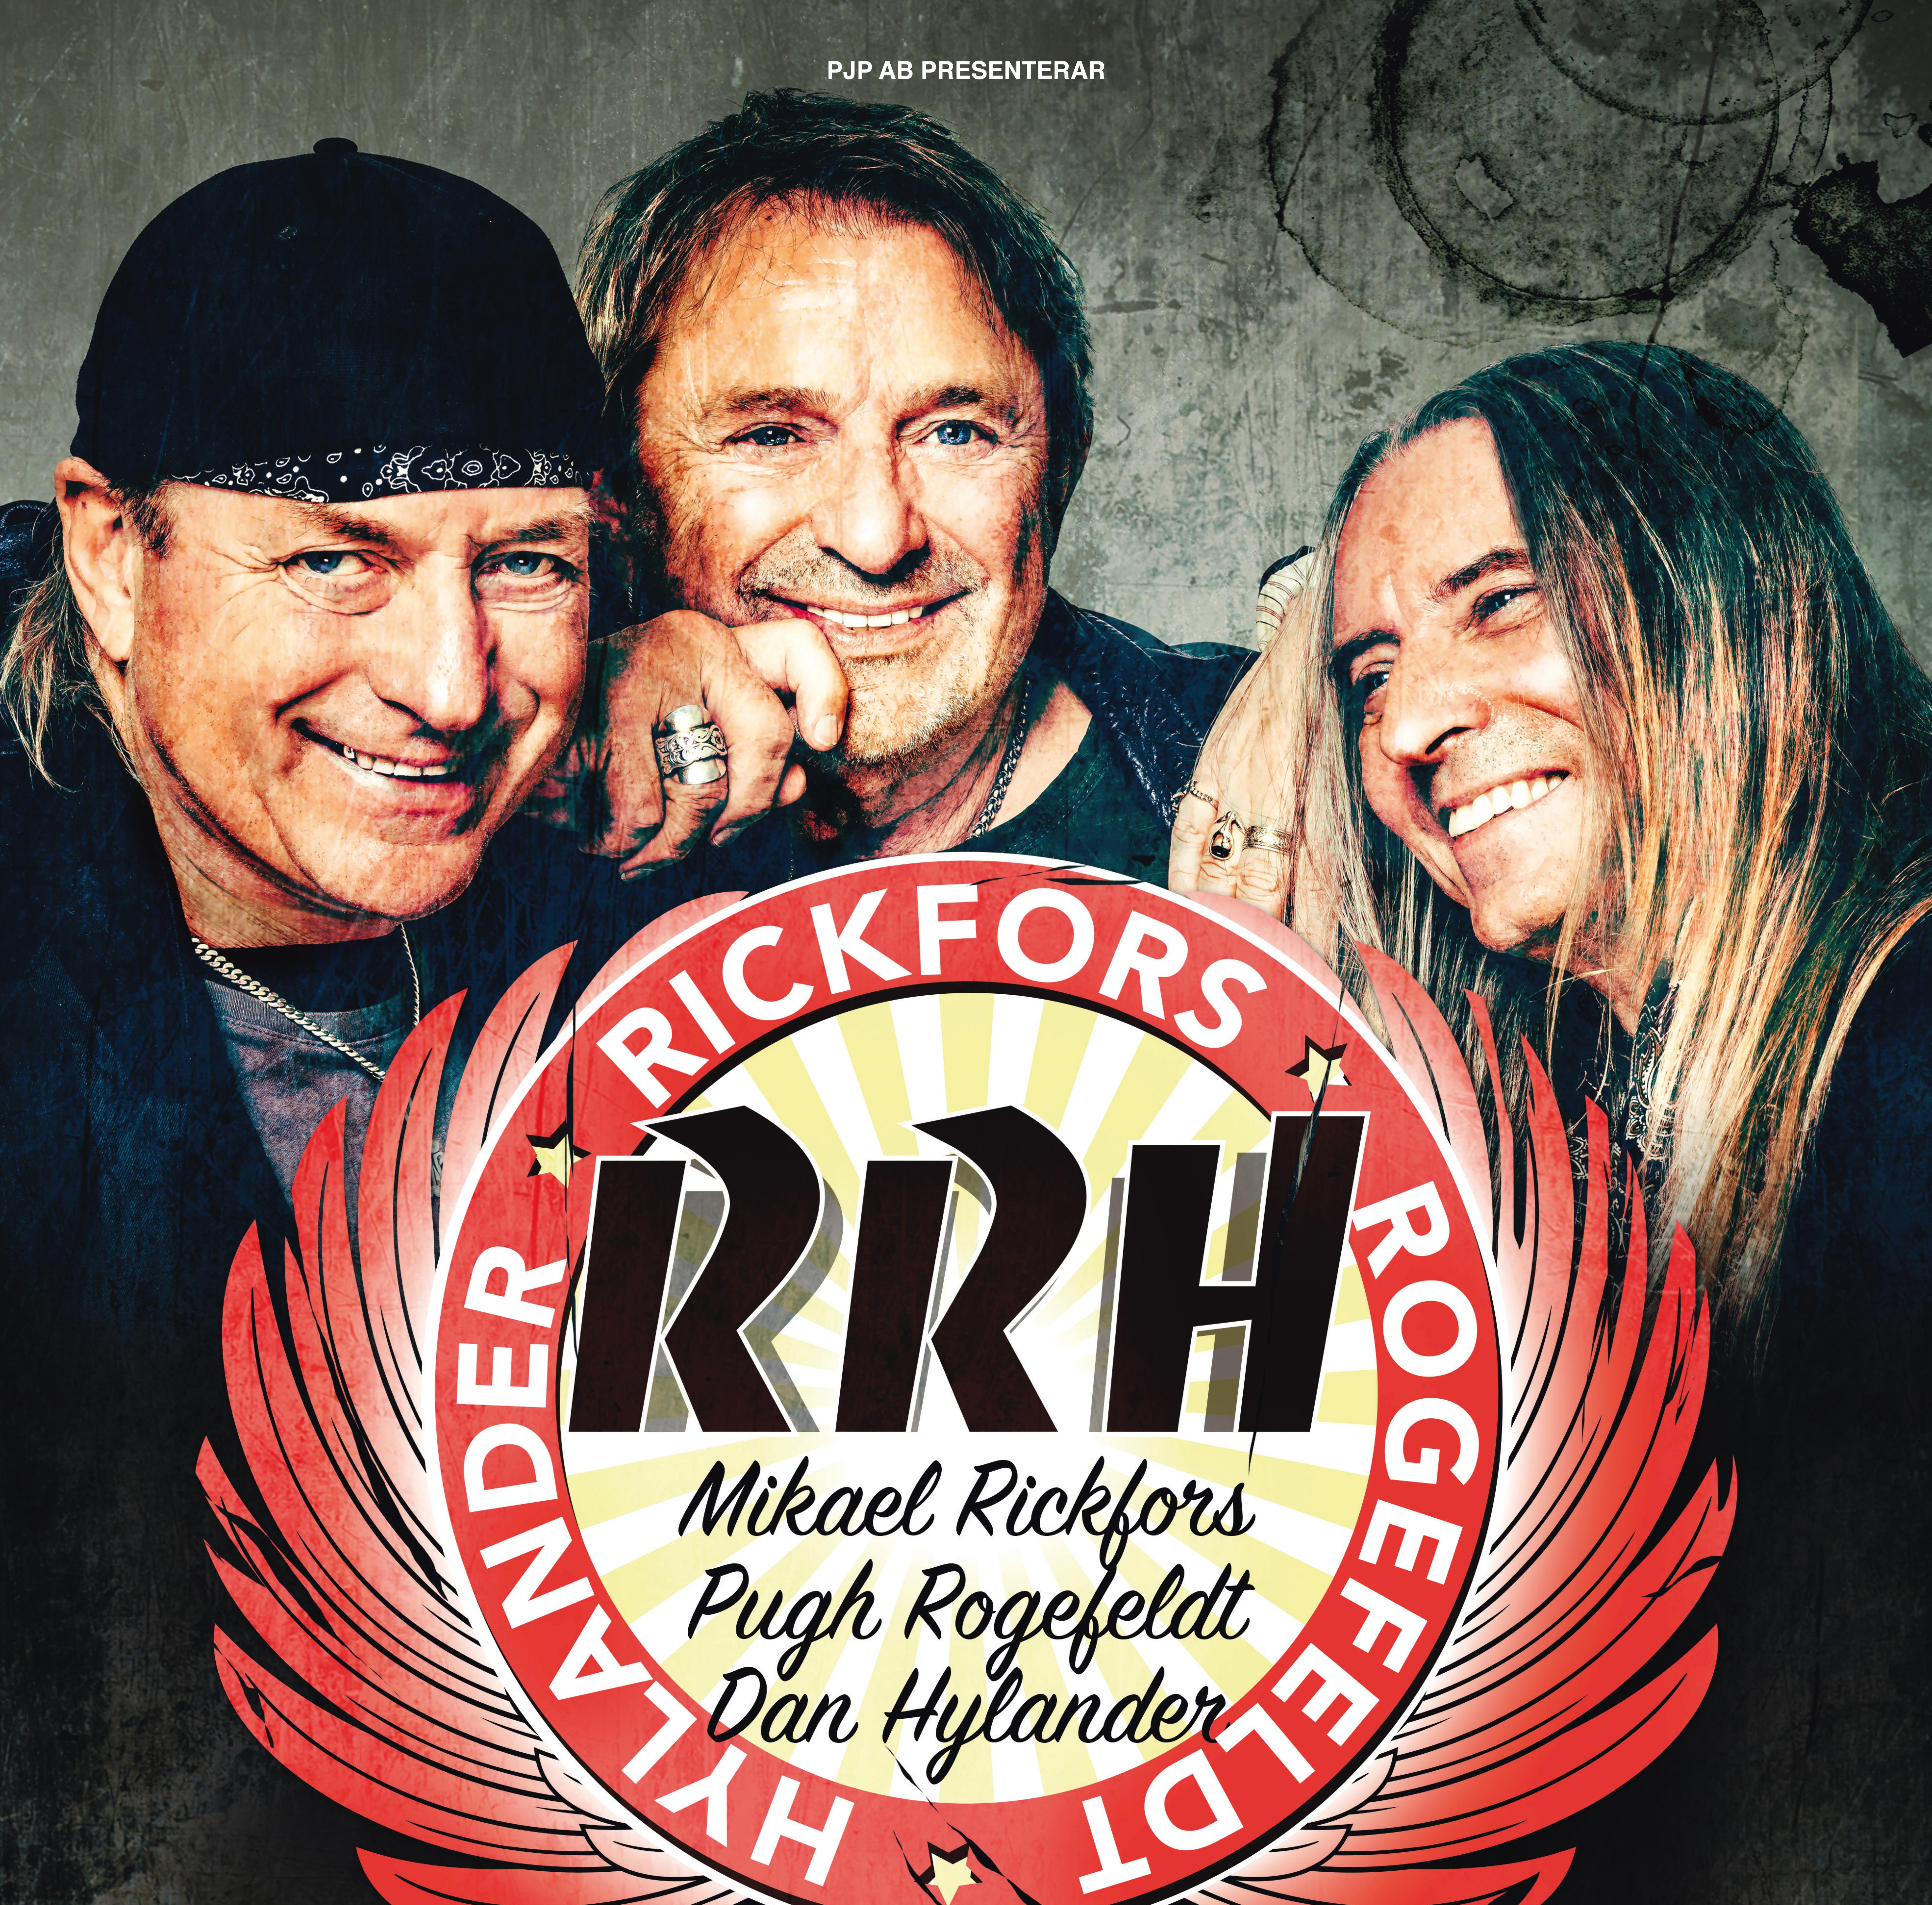 Rickfors, Rogefeldt & Hylander